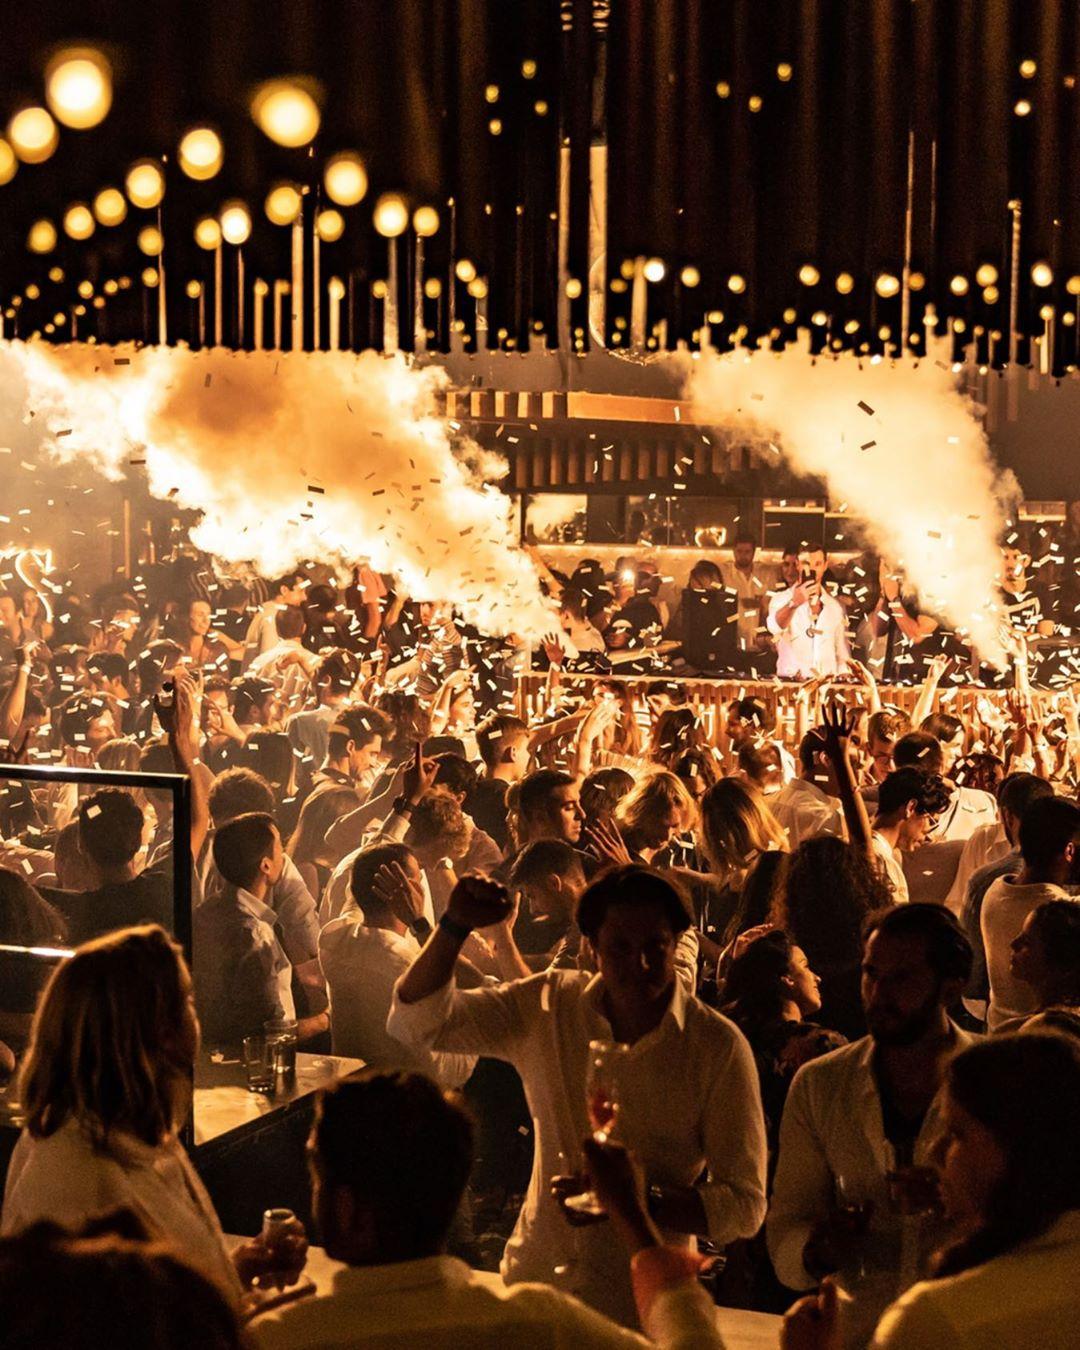 La vida nocturna de Barcelona - SUTTON